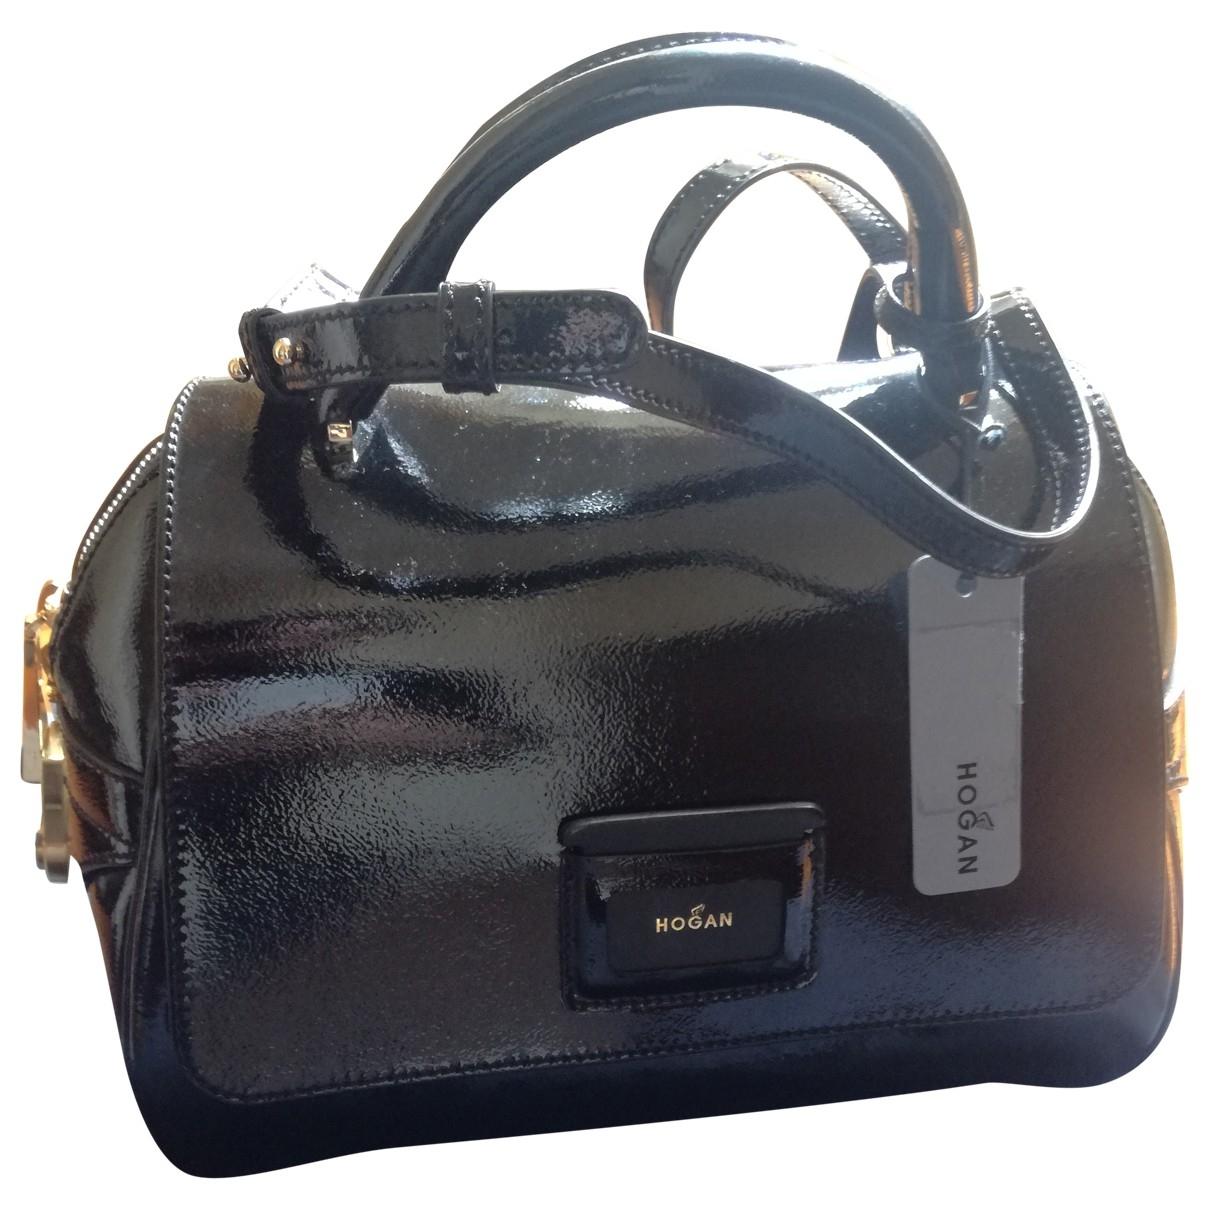 Hogan \N Handtasche in  Schwarz Lackleder